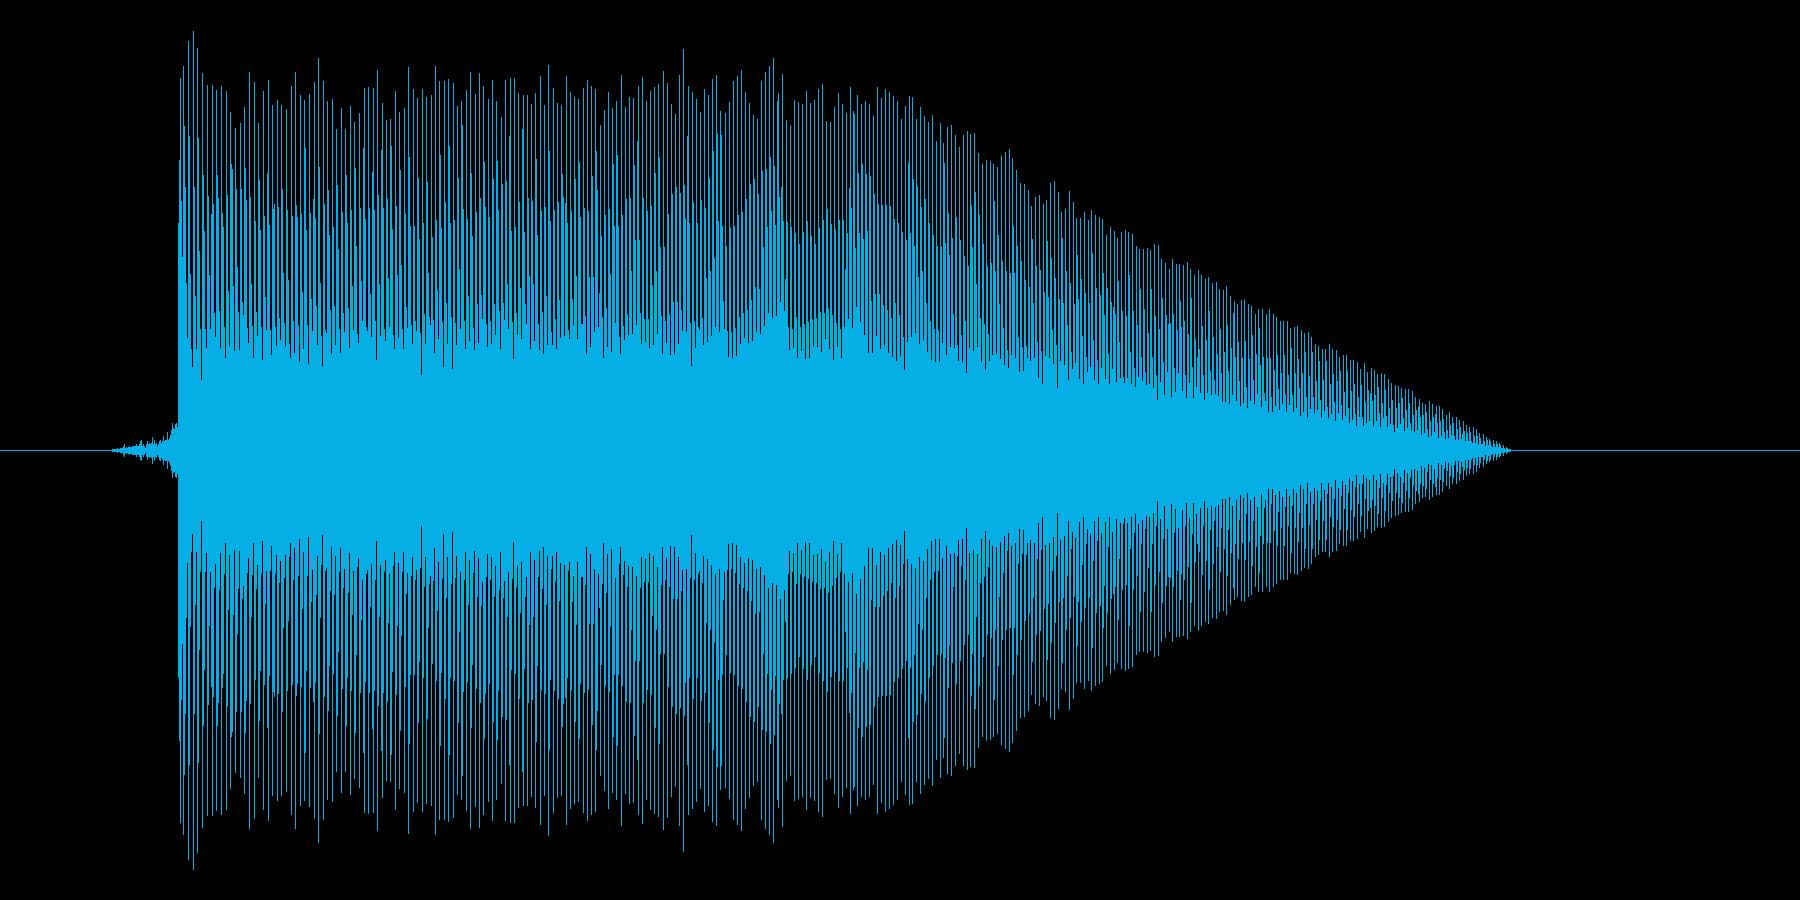 ゲーム(ファミコン風)ジャンプ音_011の再生済みの波形